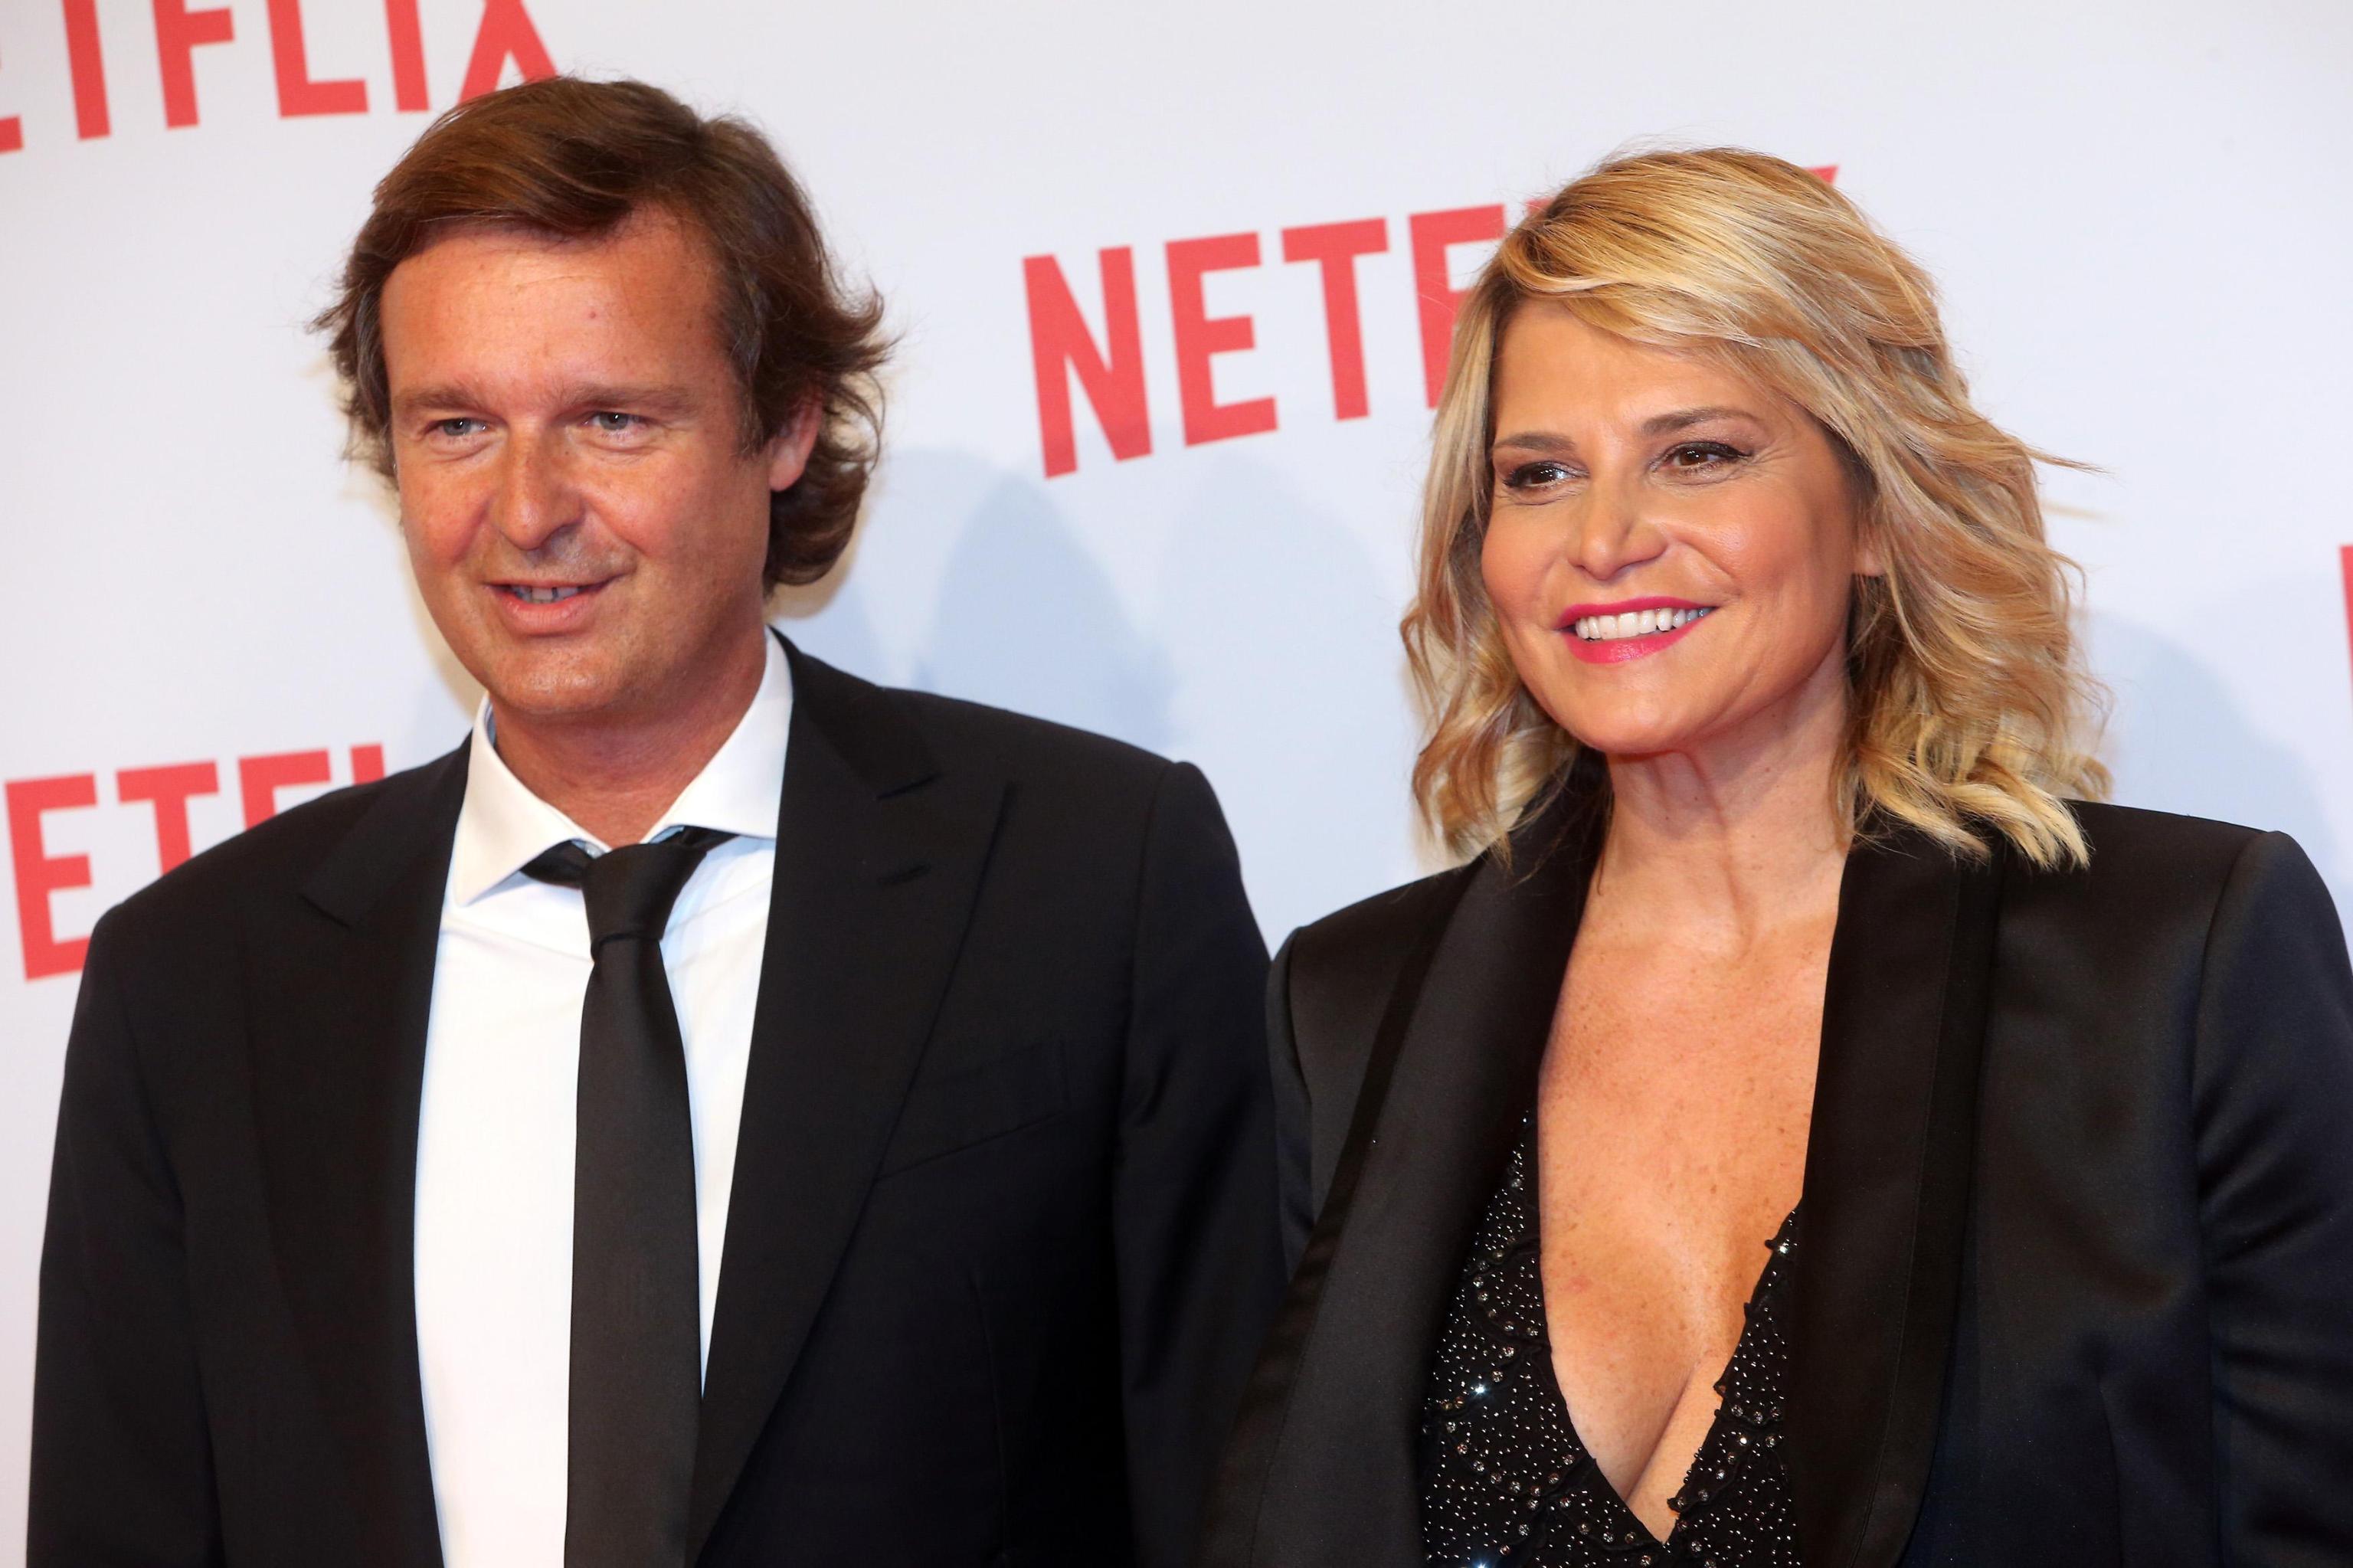 Simona Ventura e Gerò Carraro si sono lasciati? Lei è già andata via da casa